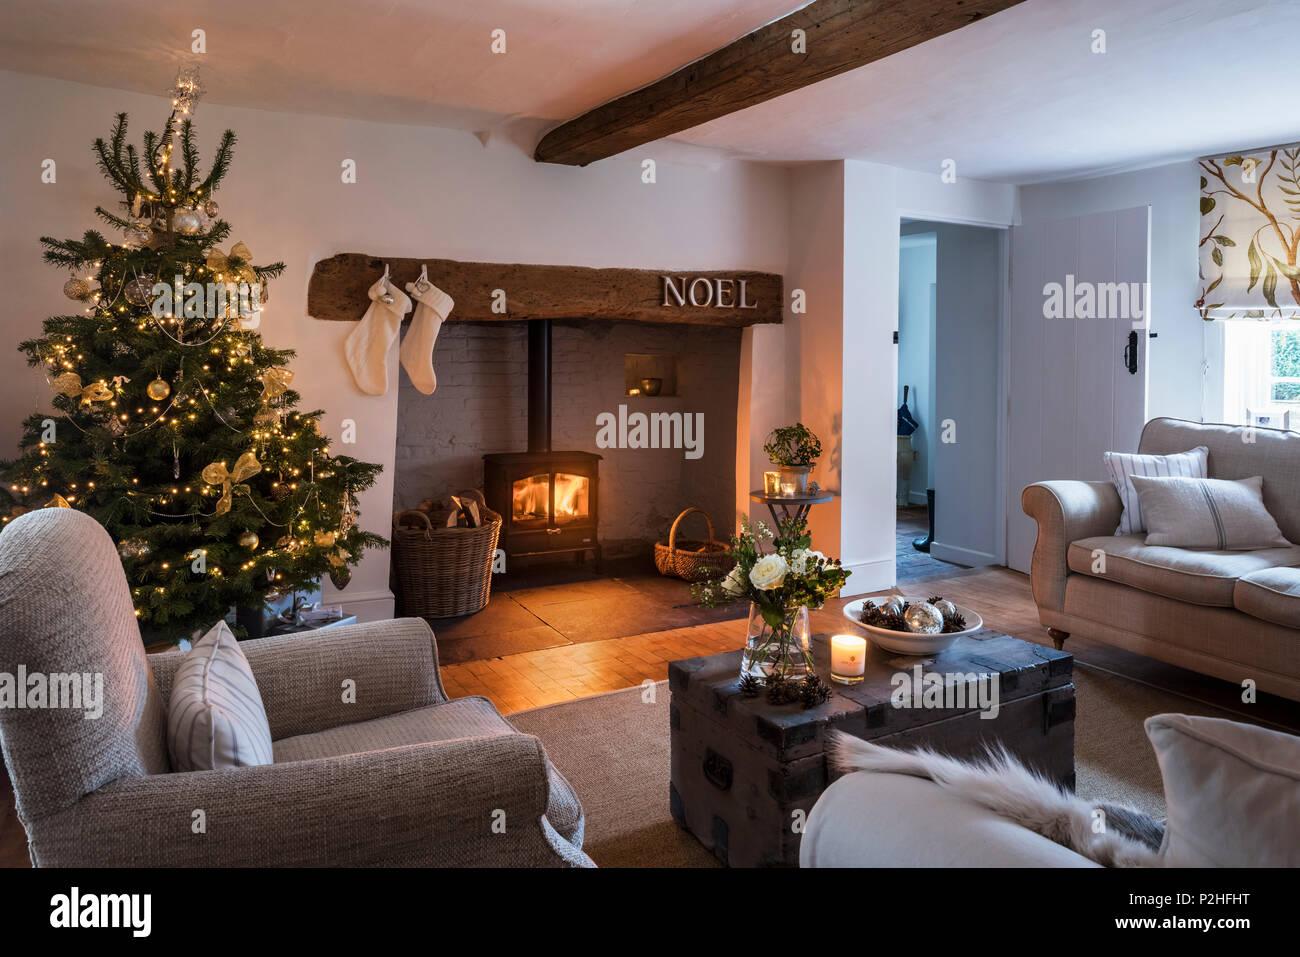 Gemutliche Festliche Wohnzimmer Mit Kaminecke Und Weihnachtsbaum